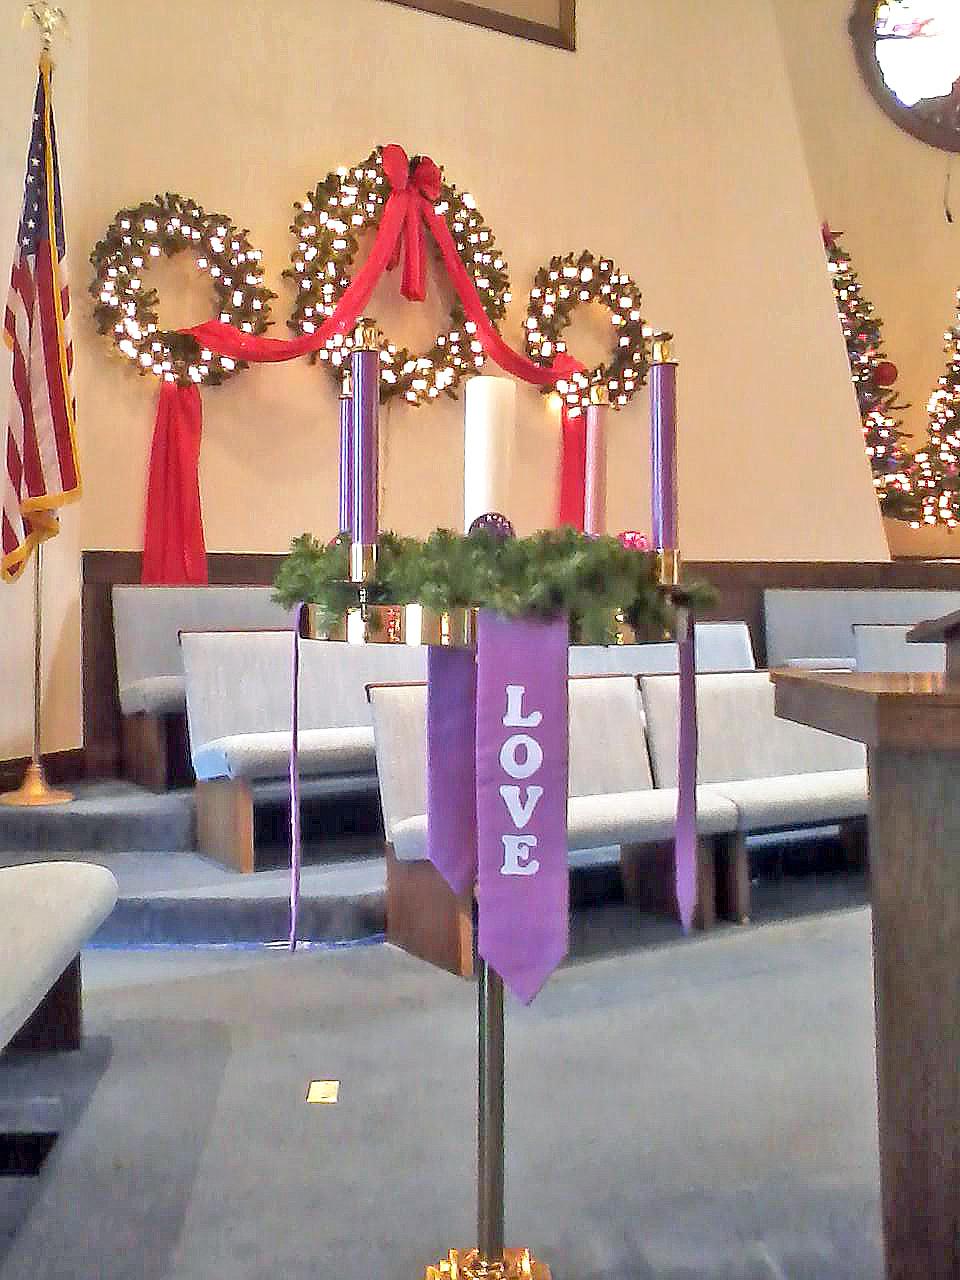 Christmas decoration - Wikipedia